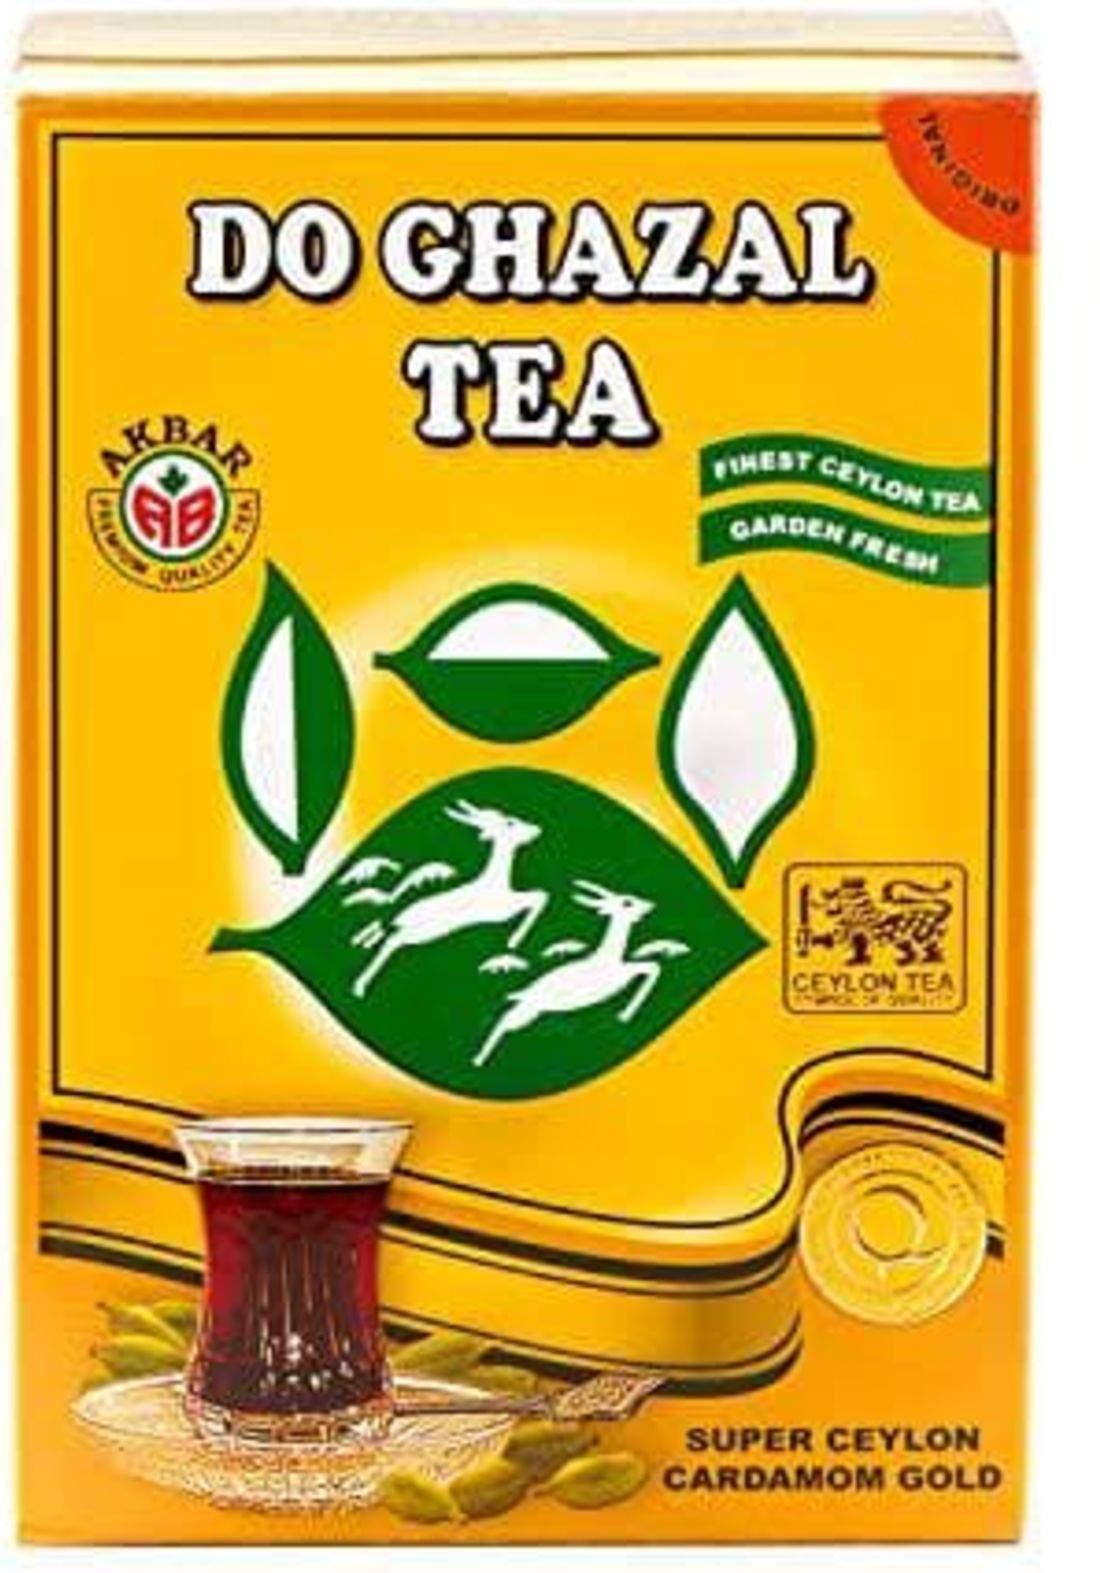 Alchazaleen tea 200g شاي الغزالين